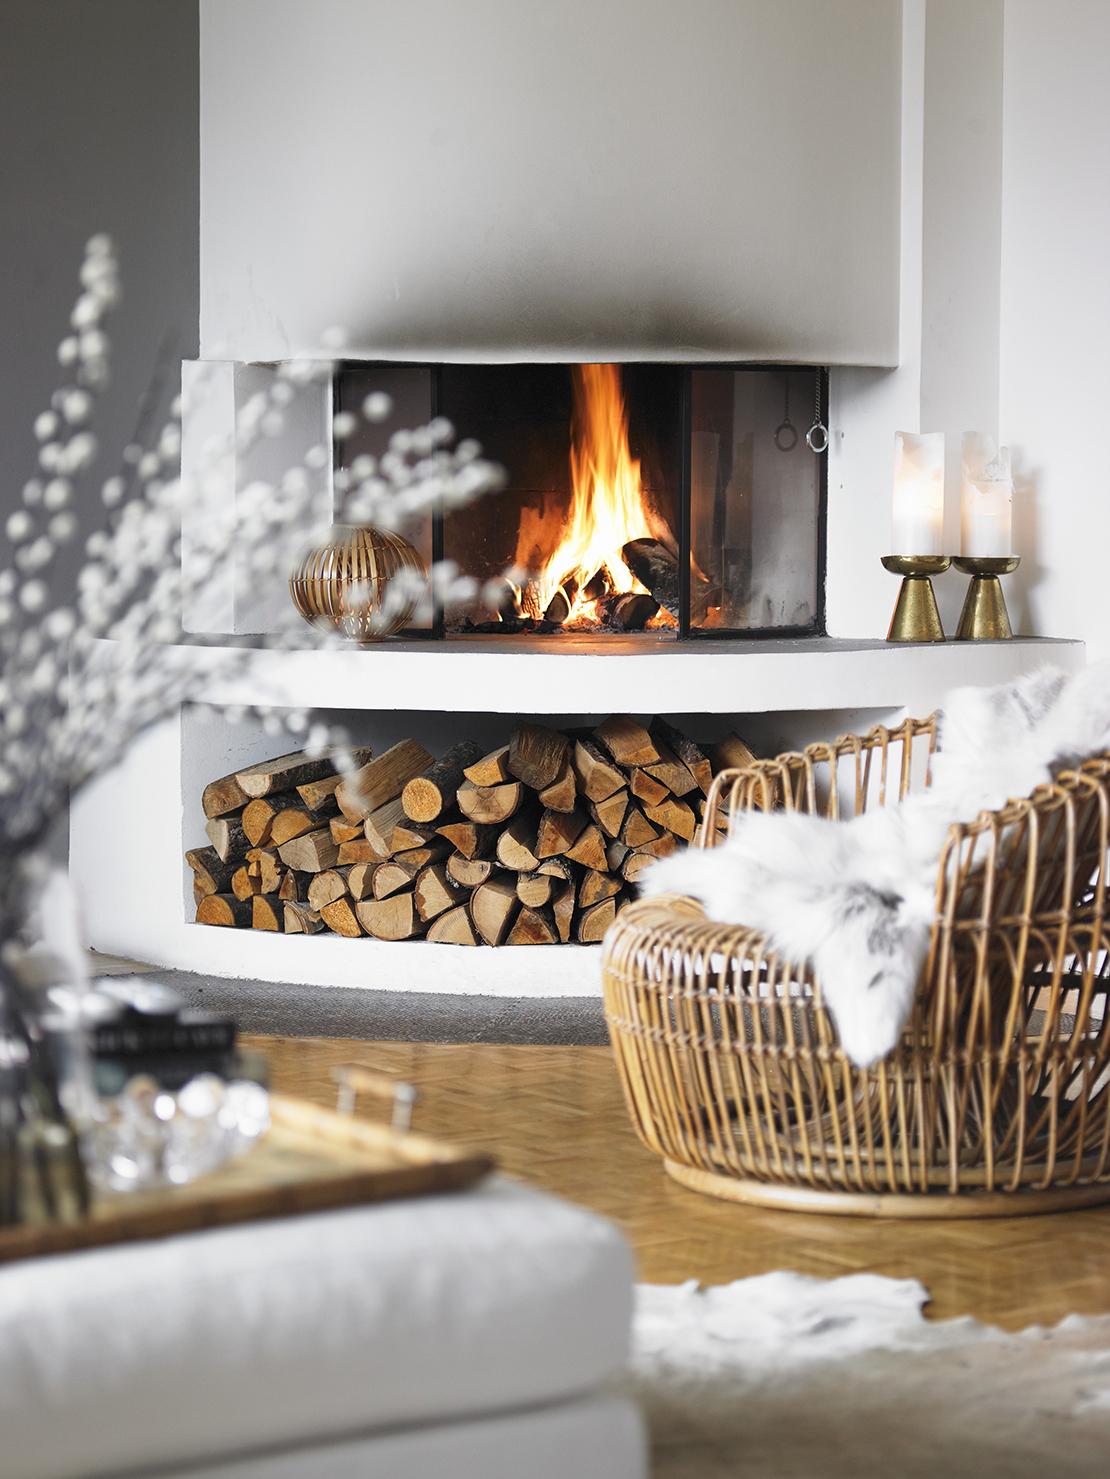 herbstgefuehle-wohnzimmer-mit-feuerstelle-und-fell